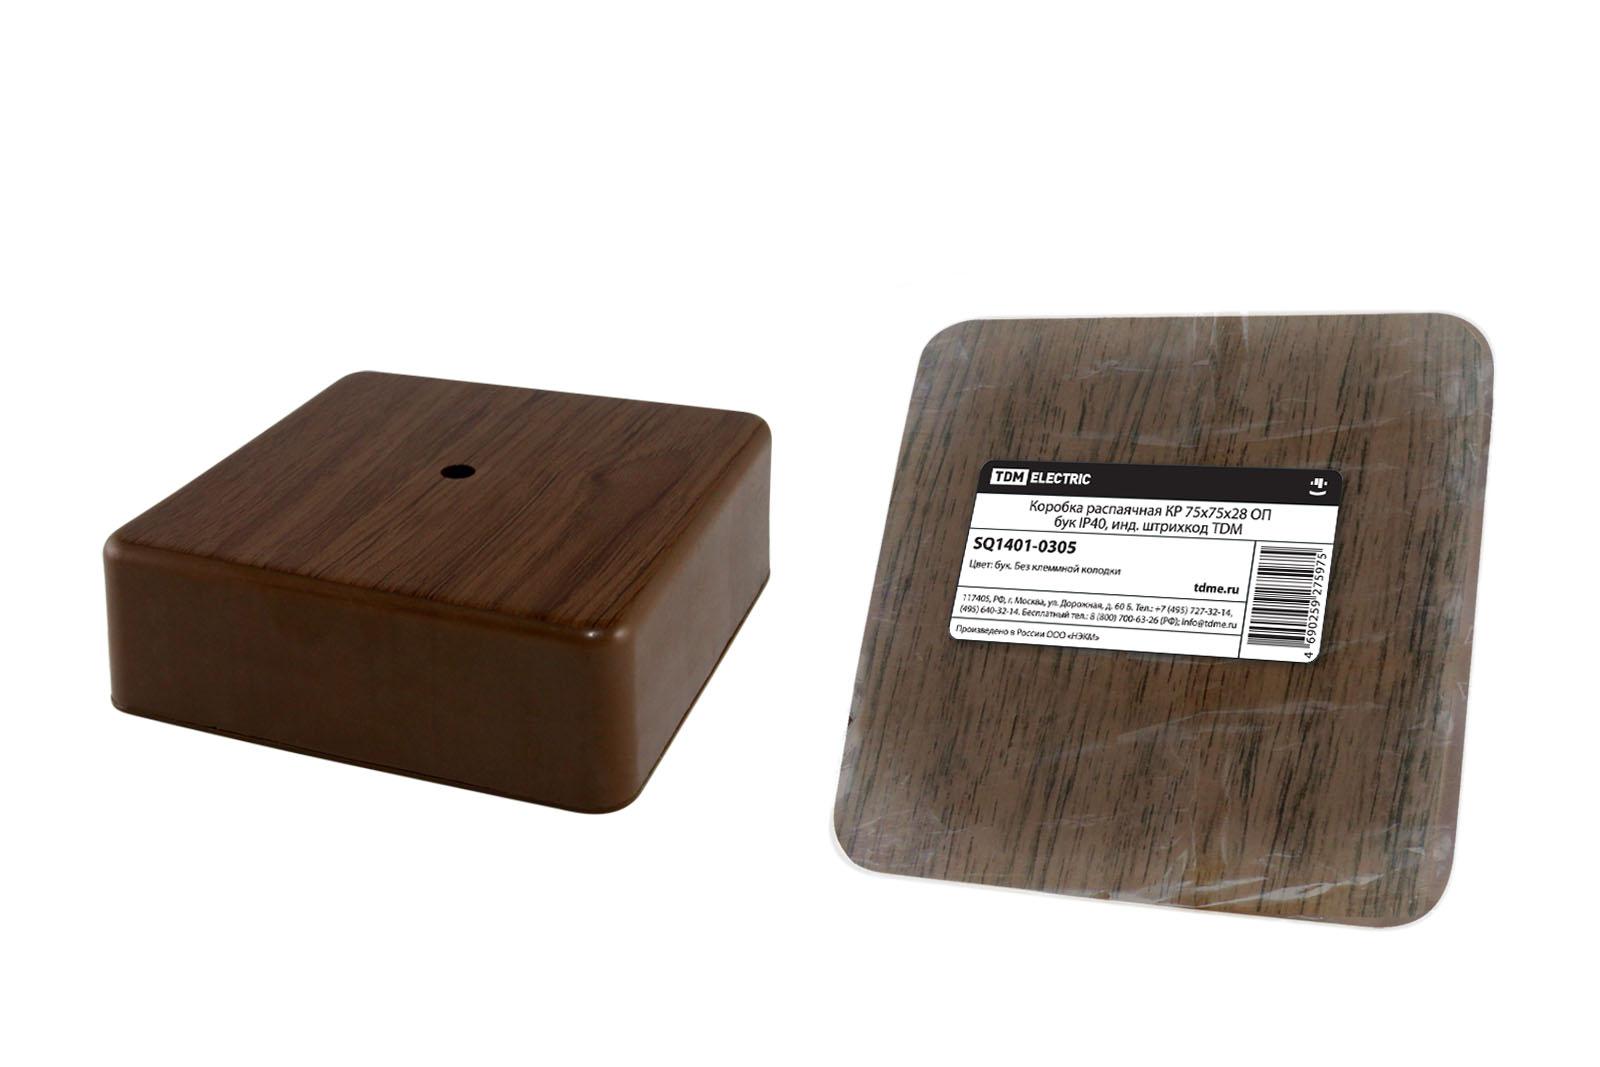 Фото Коробка распаячная КР 75х75х28 ОП бук IP40, инд. штрихкод TDM {SQ1401-0305}